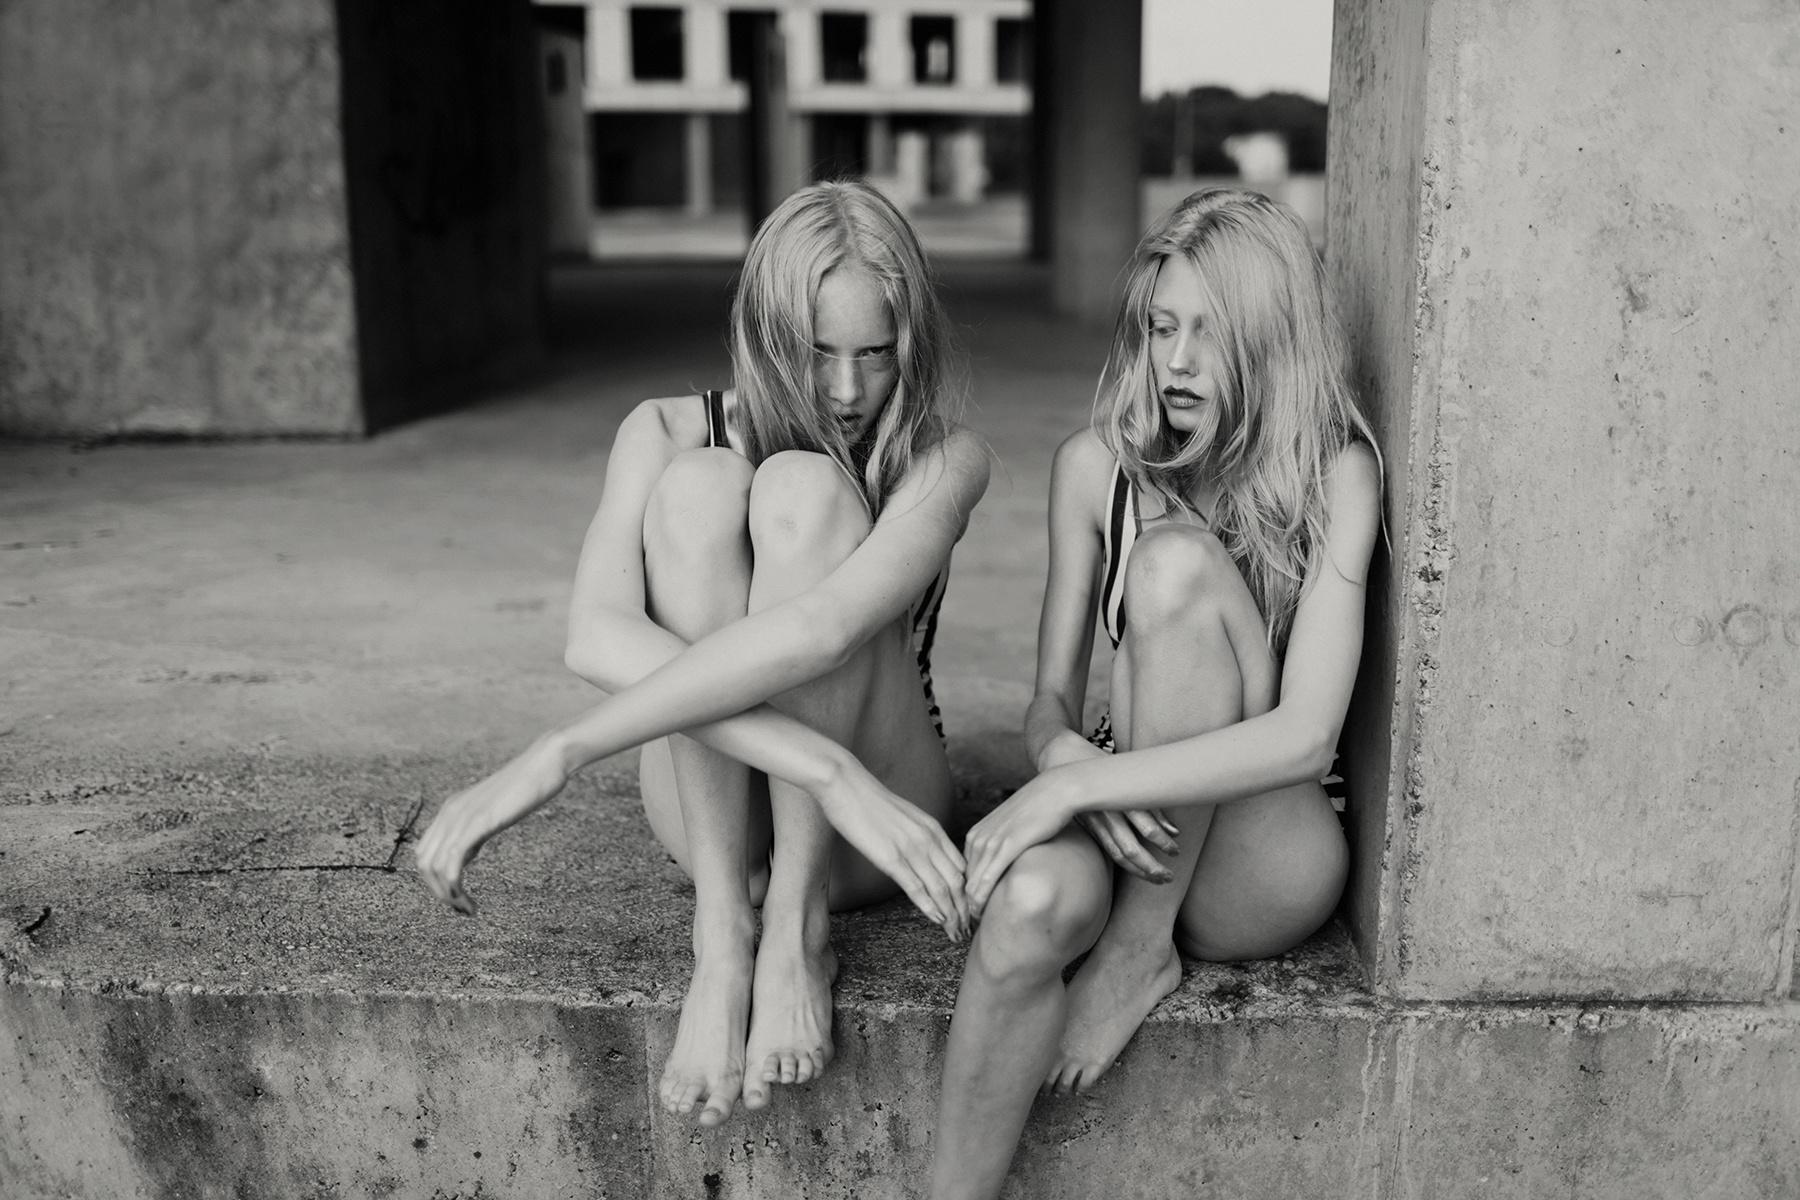 смотреть онлайн плохие голые девчонки